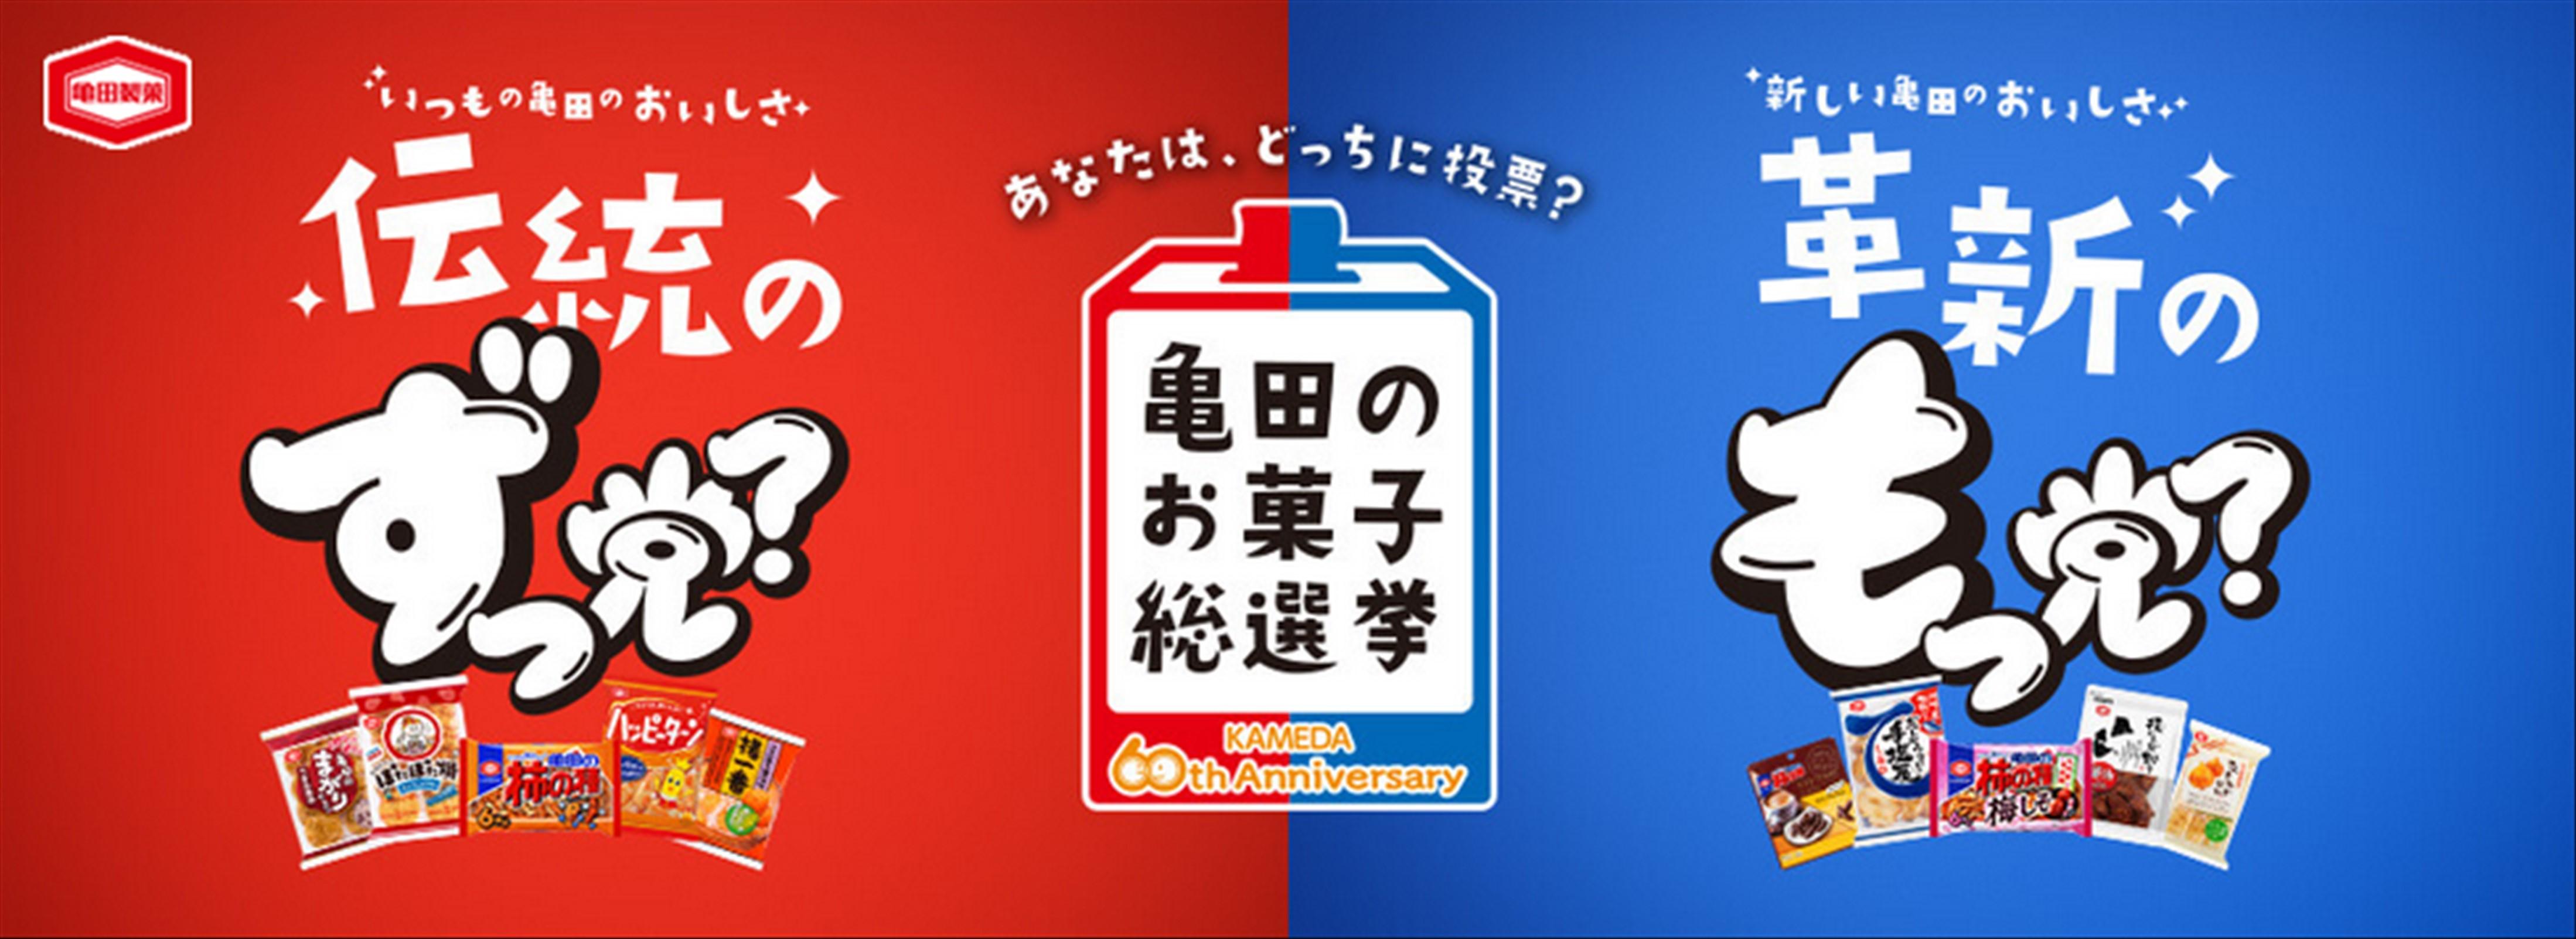 製菓 亀田